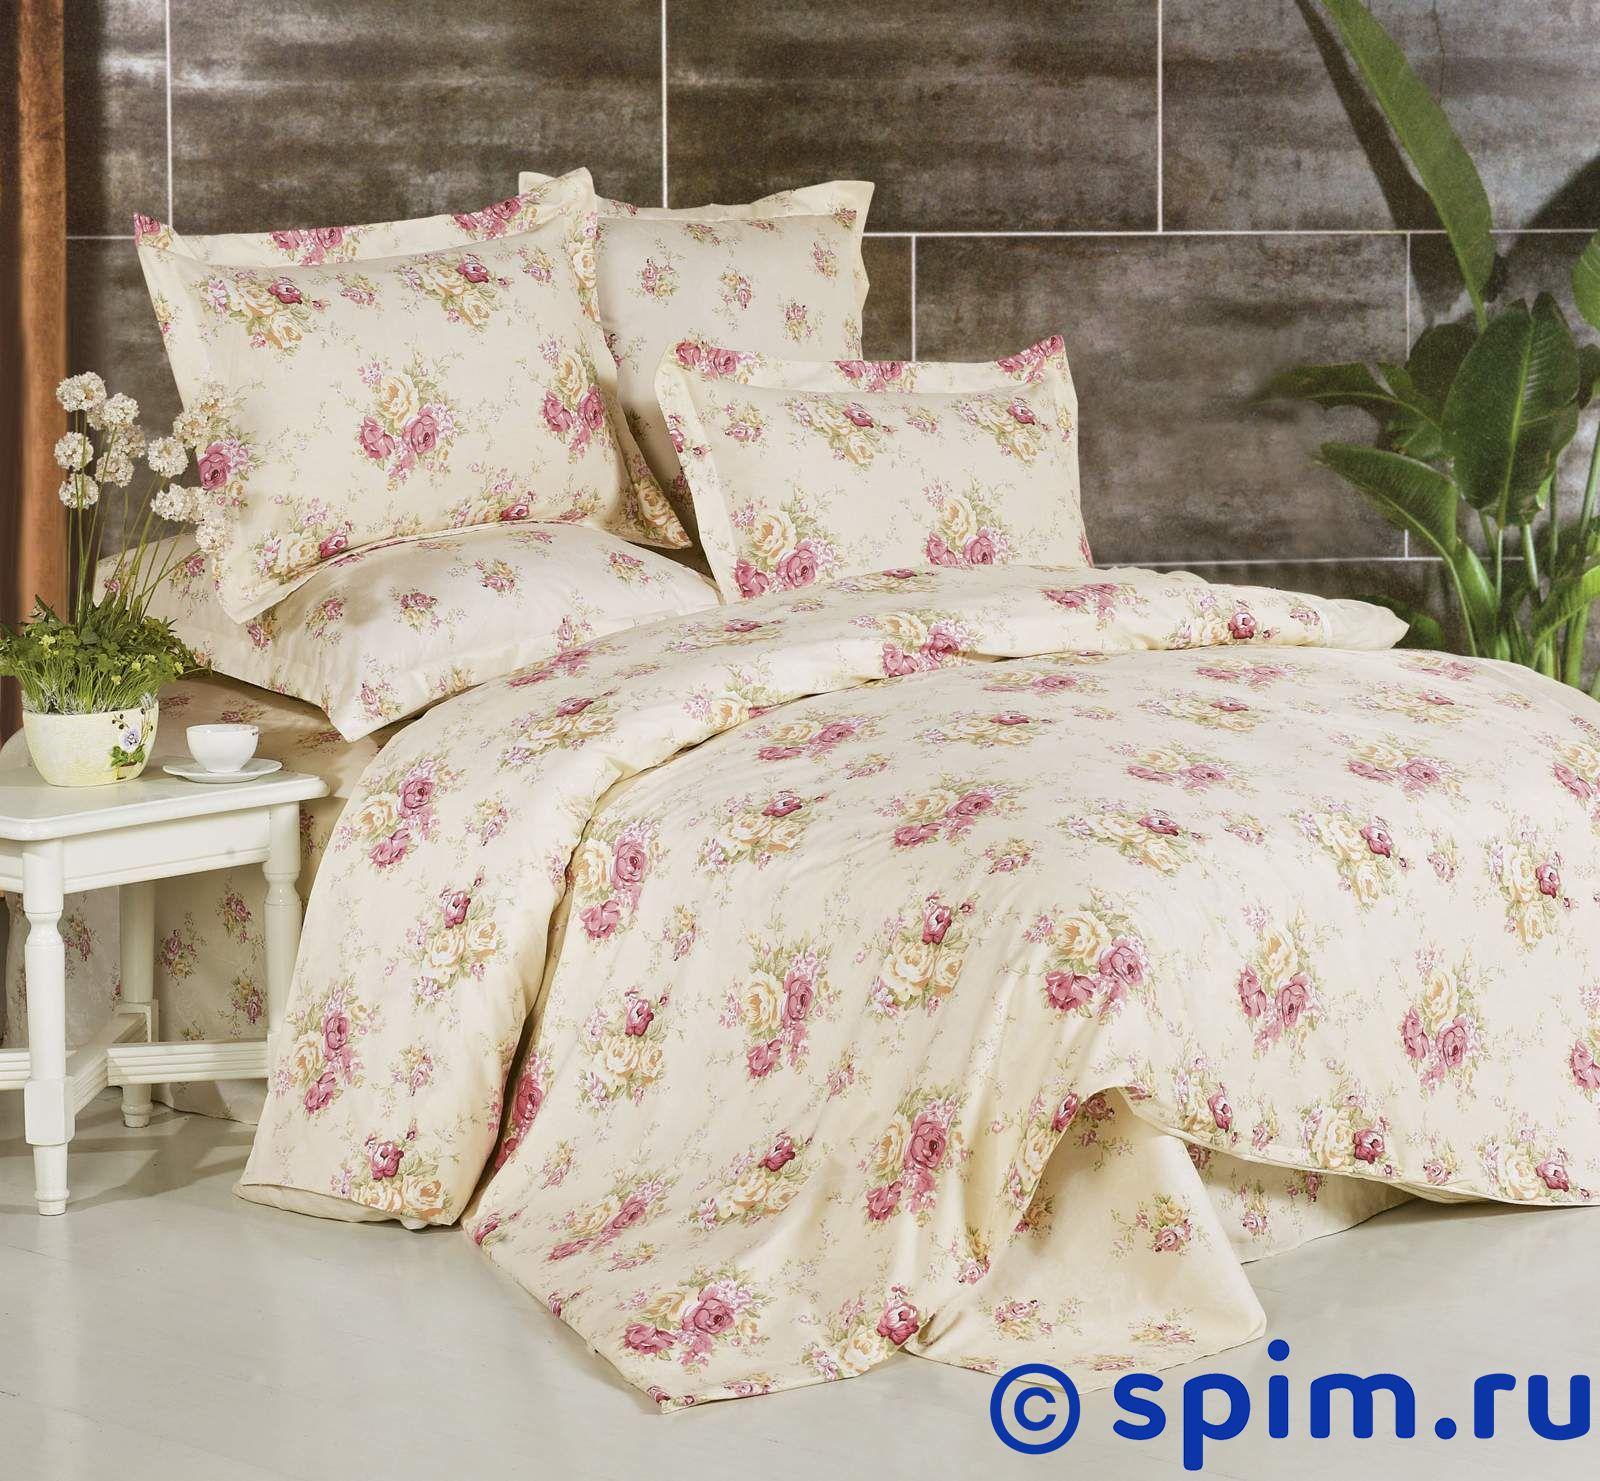 Комплект СайлиД В117 1.5 спальное